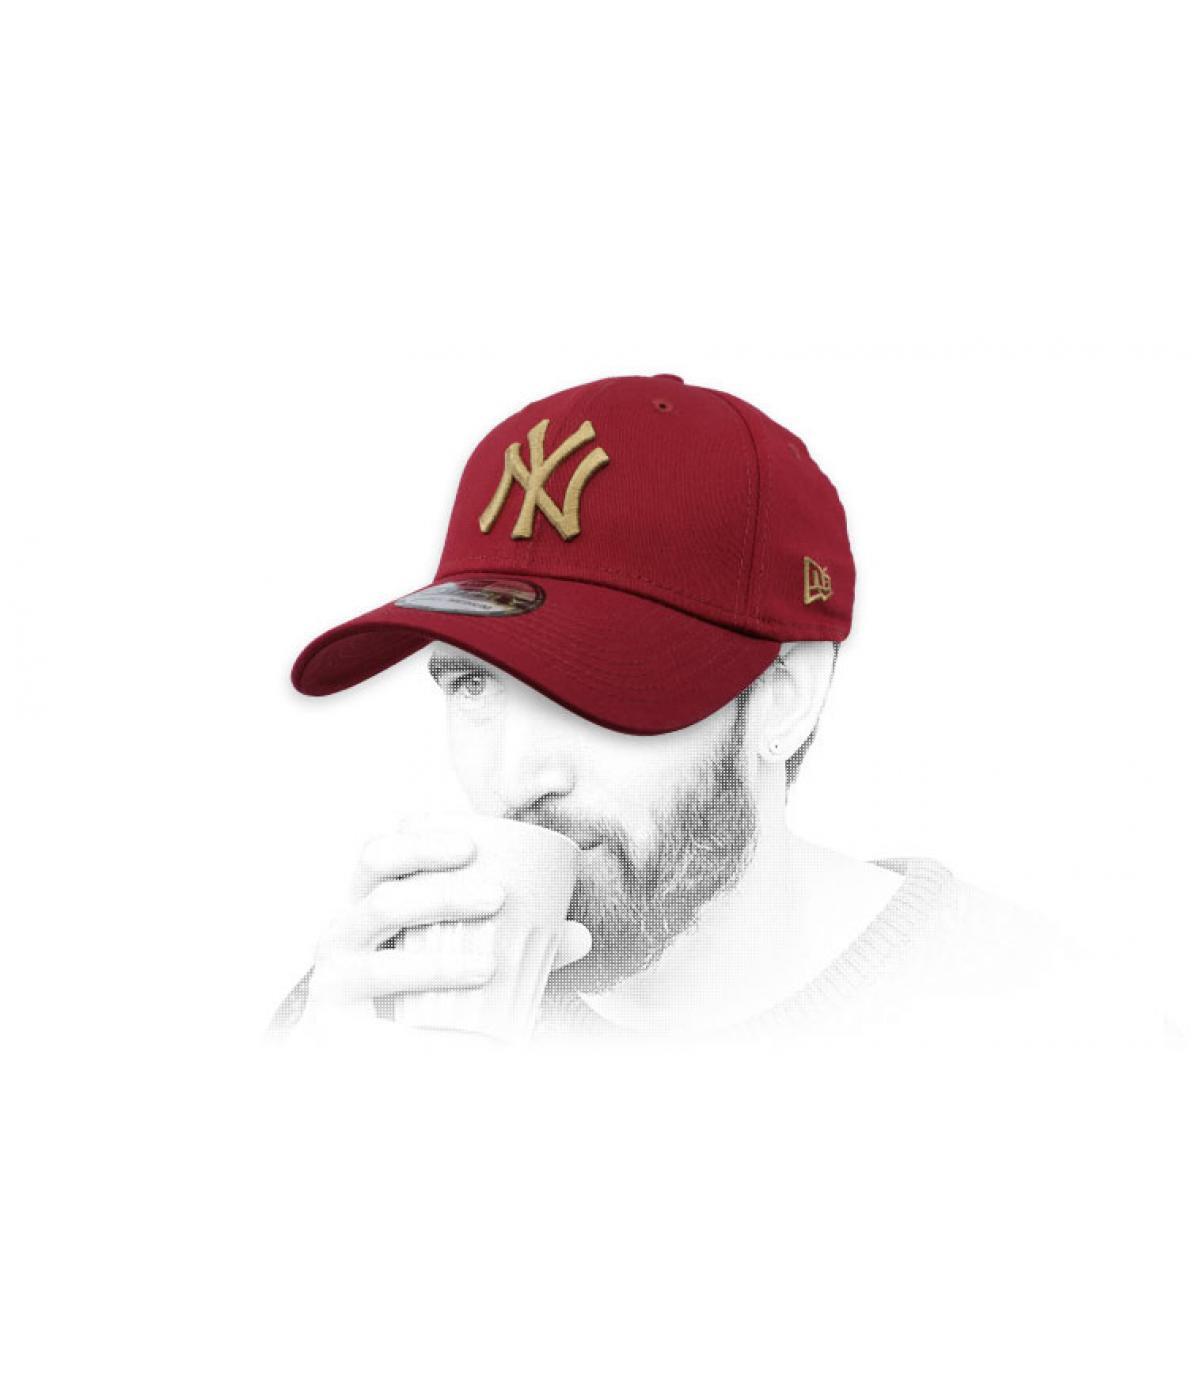 casquette NY bordeaux